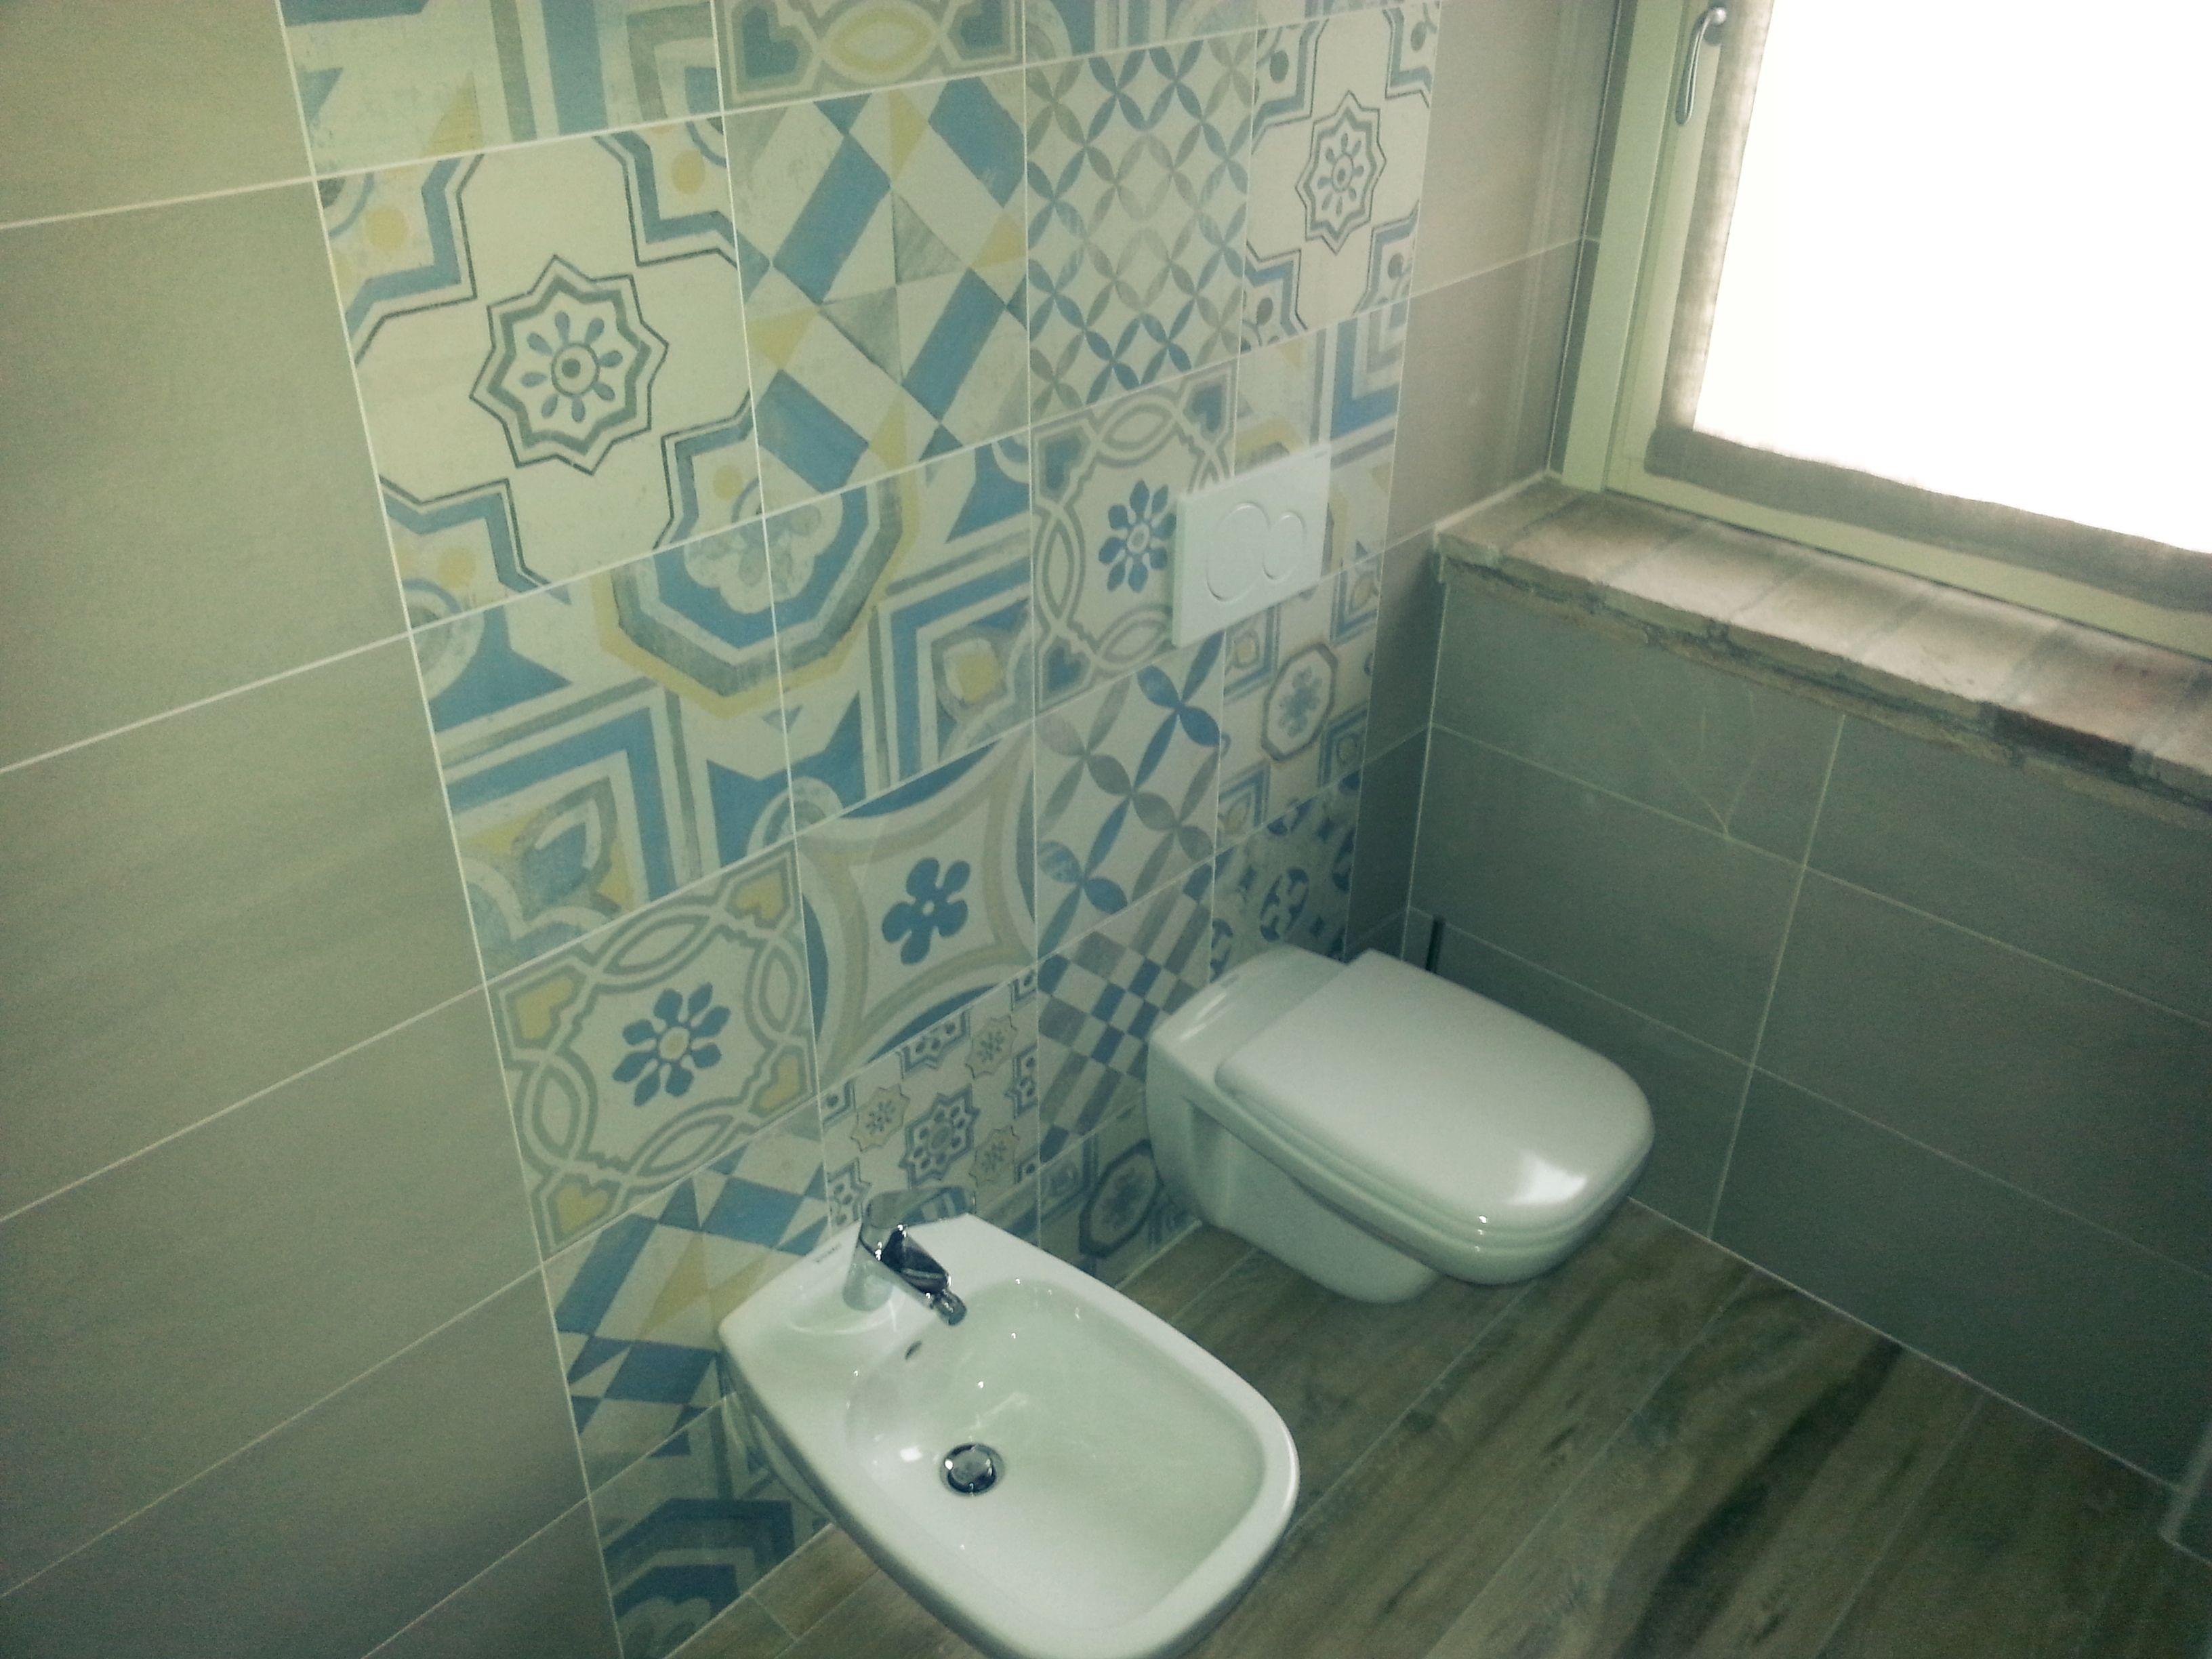 Rivestimento bagno con decori in cementine bathroom wall decorations in cementine - Decori per bagno ...